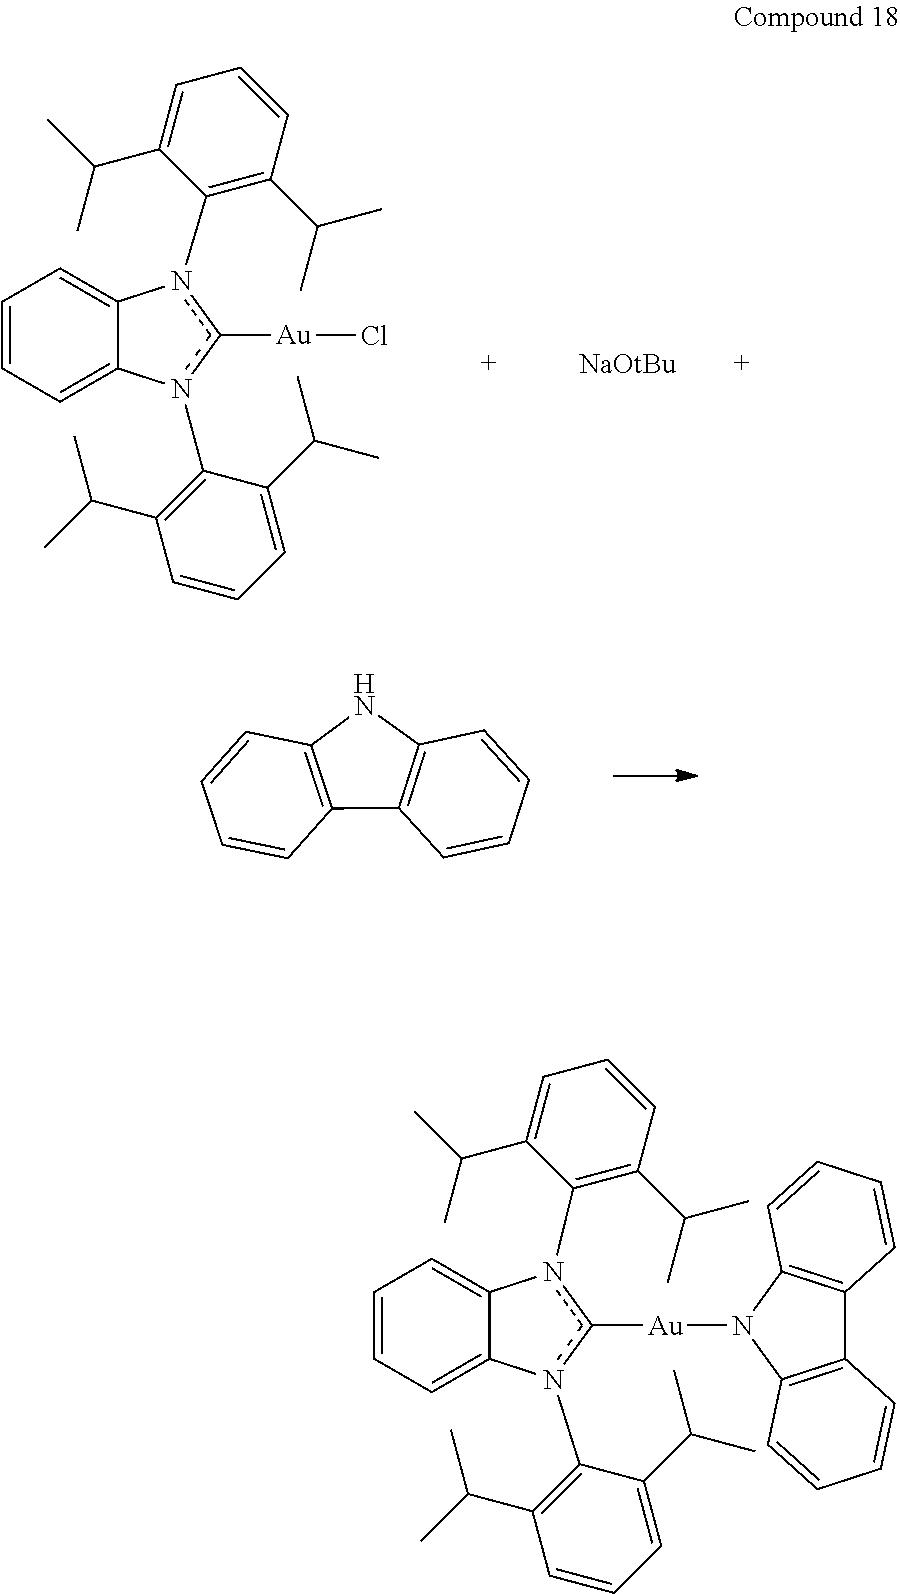 Figure US20190161504A1-20190530-C00110